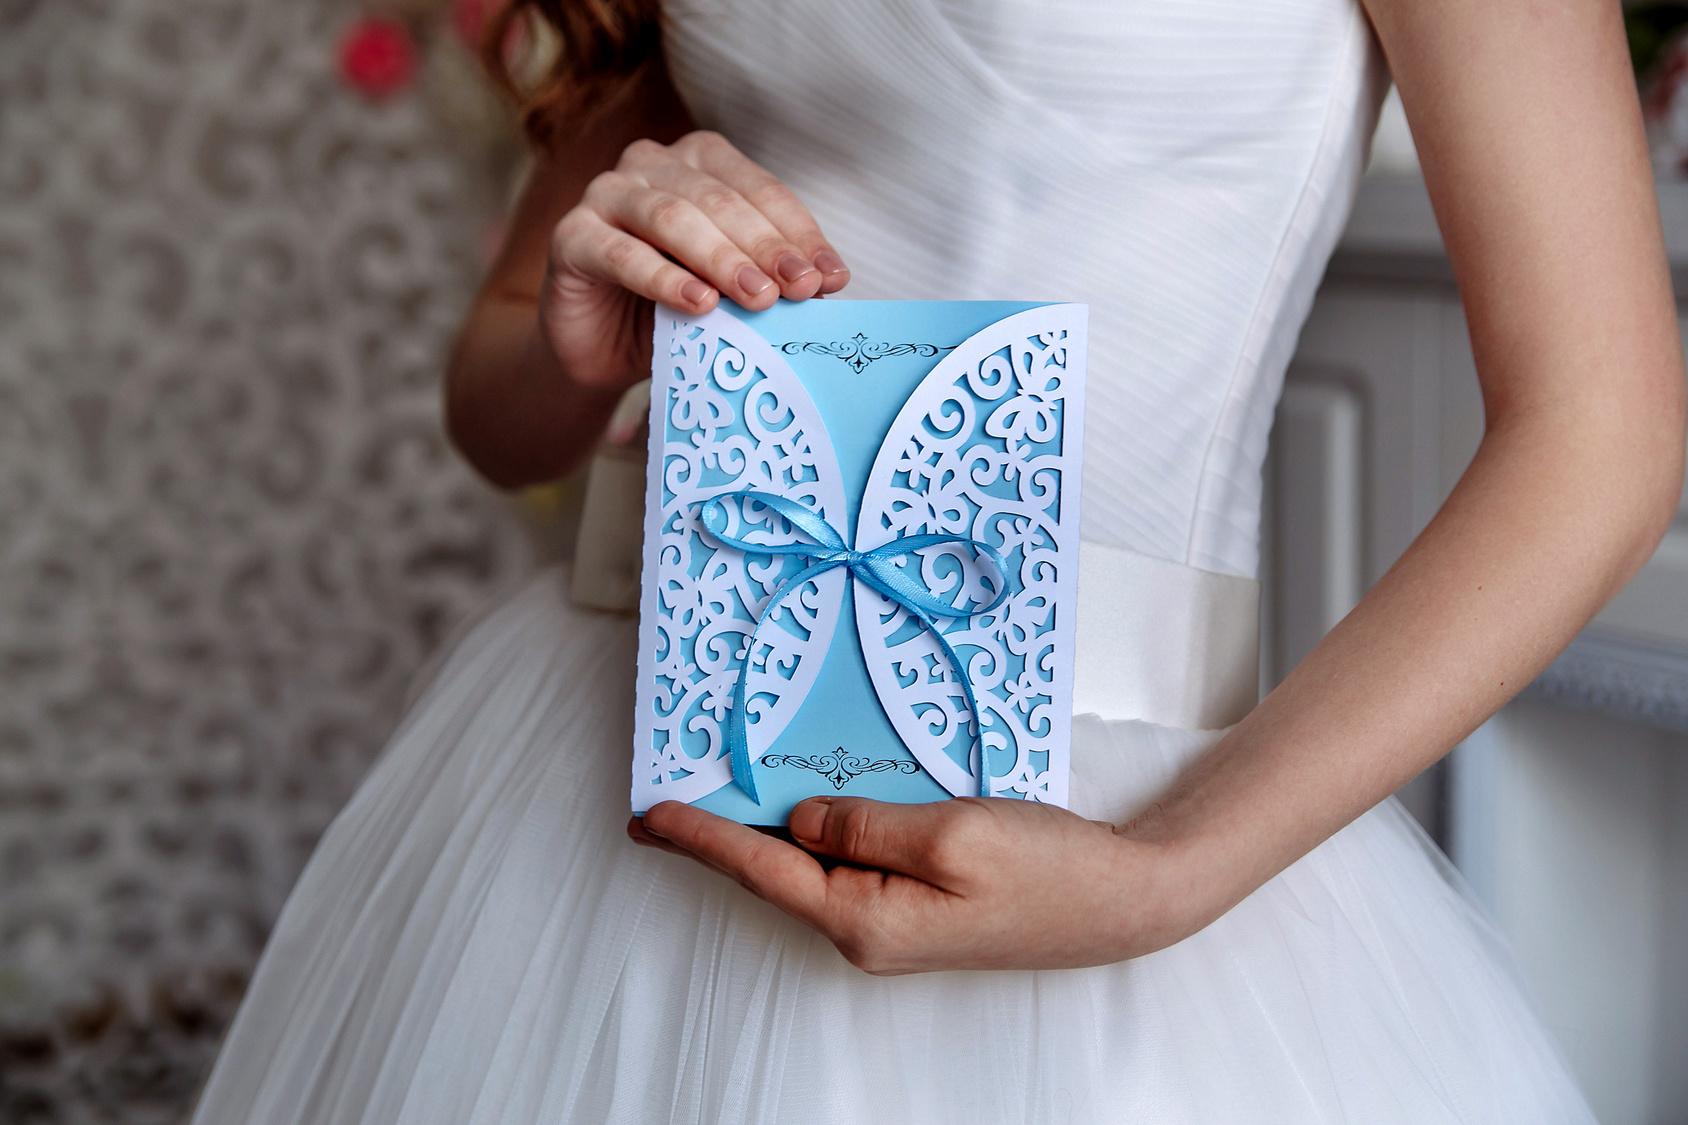 W Ultra Zaproszenia ślubne - oryginalne zaproszenia ślubne i porady FN32